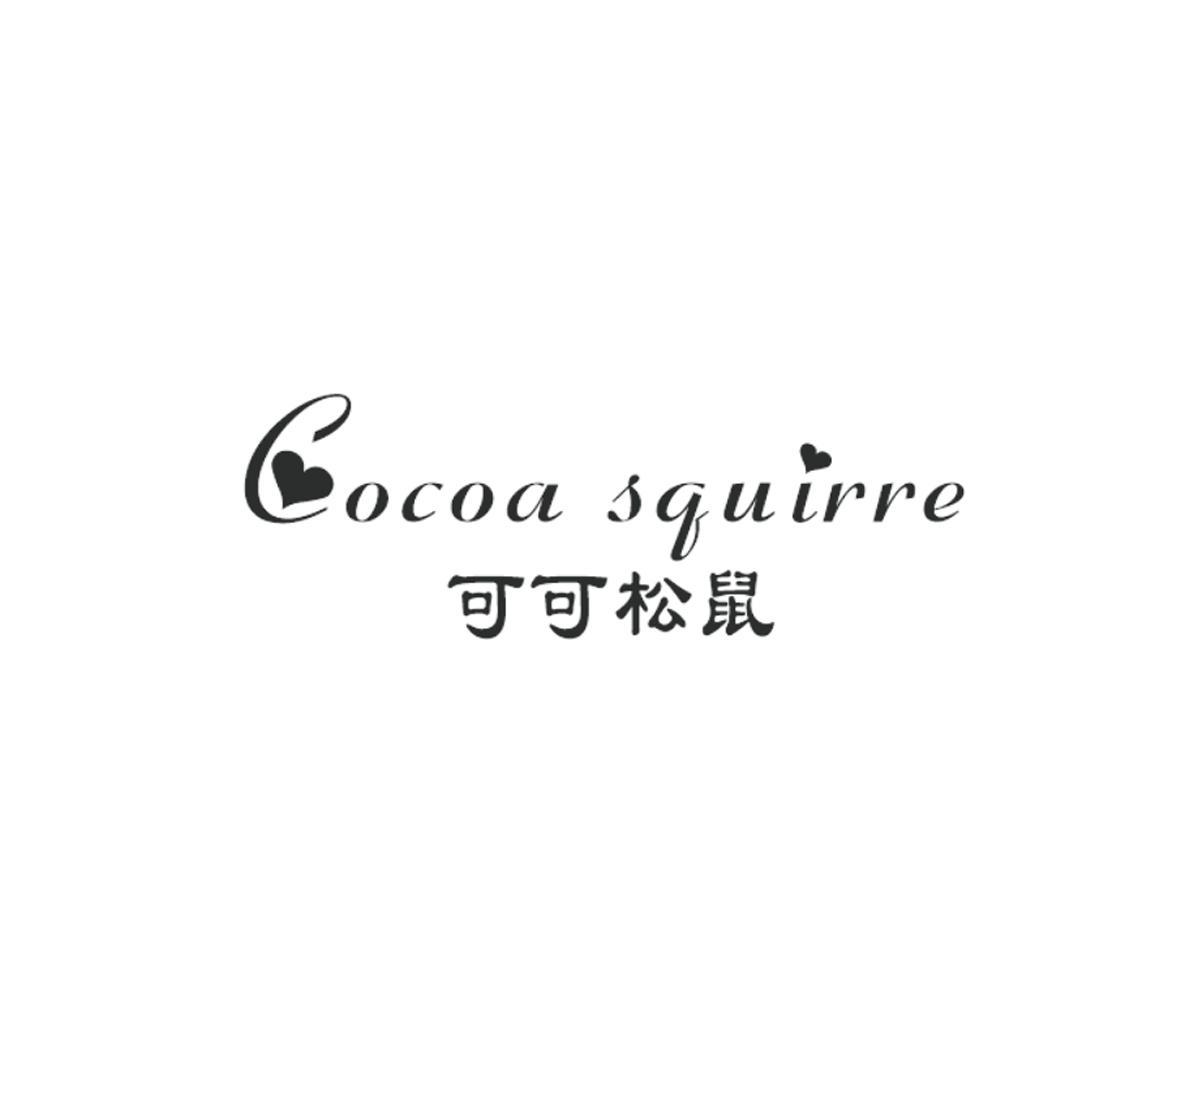 转让外围滚球软件365_365滚球网站下载_365滚球 已经1比0 让球-可可松鼠 COCOA SQUIRRE